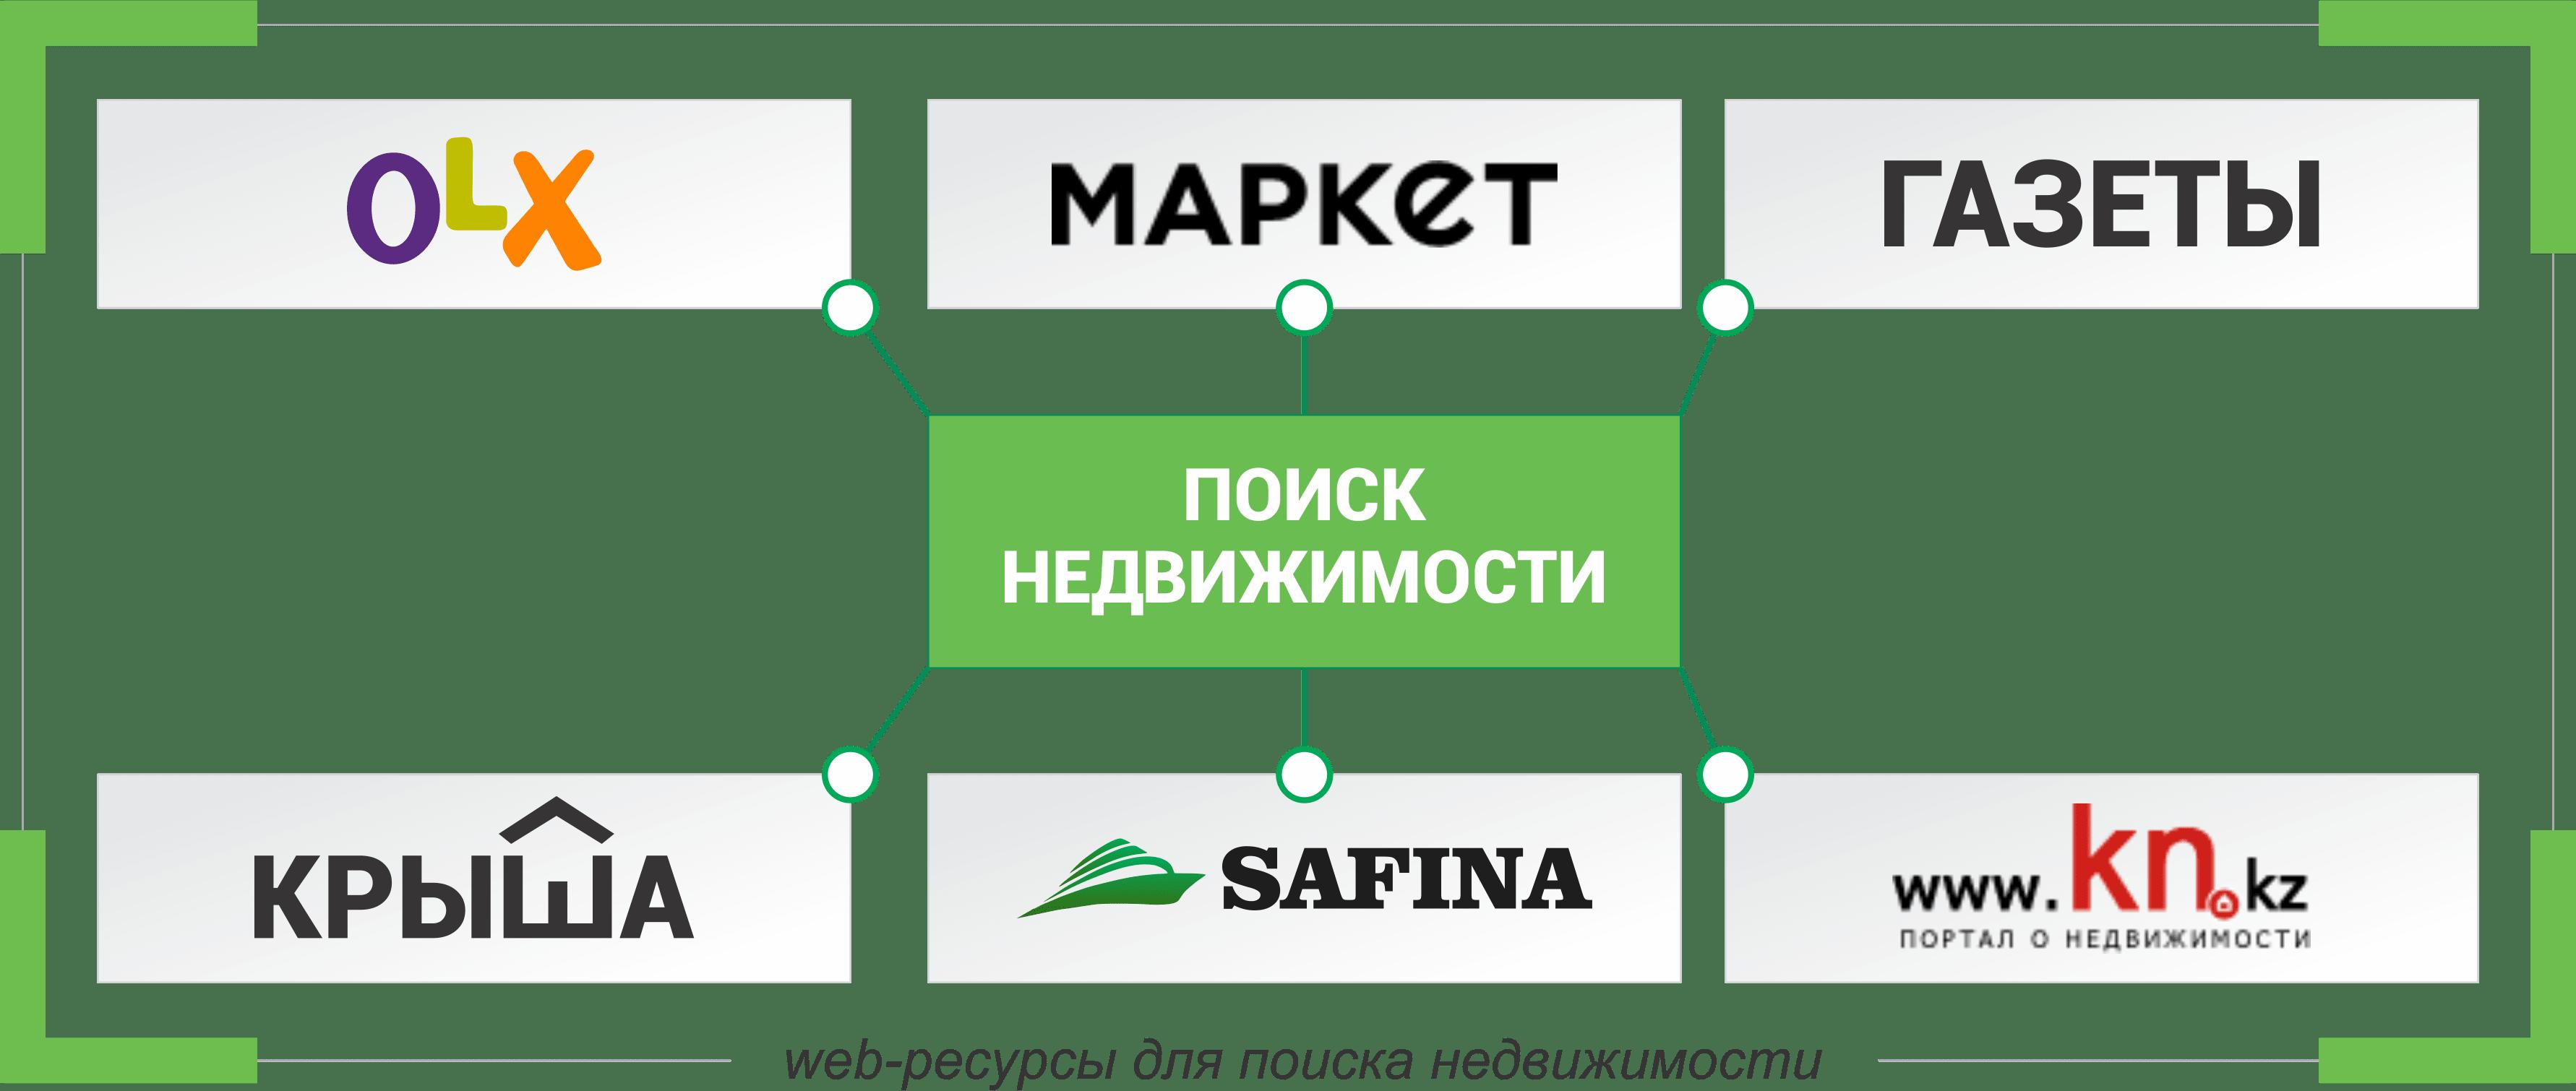 Варианты ресурсов поиска недвижимости в Казахстане